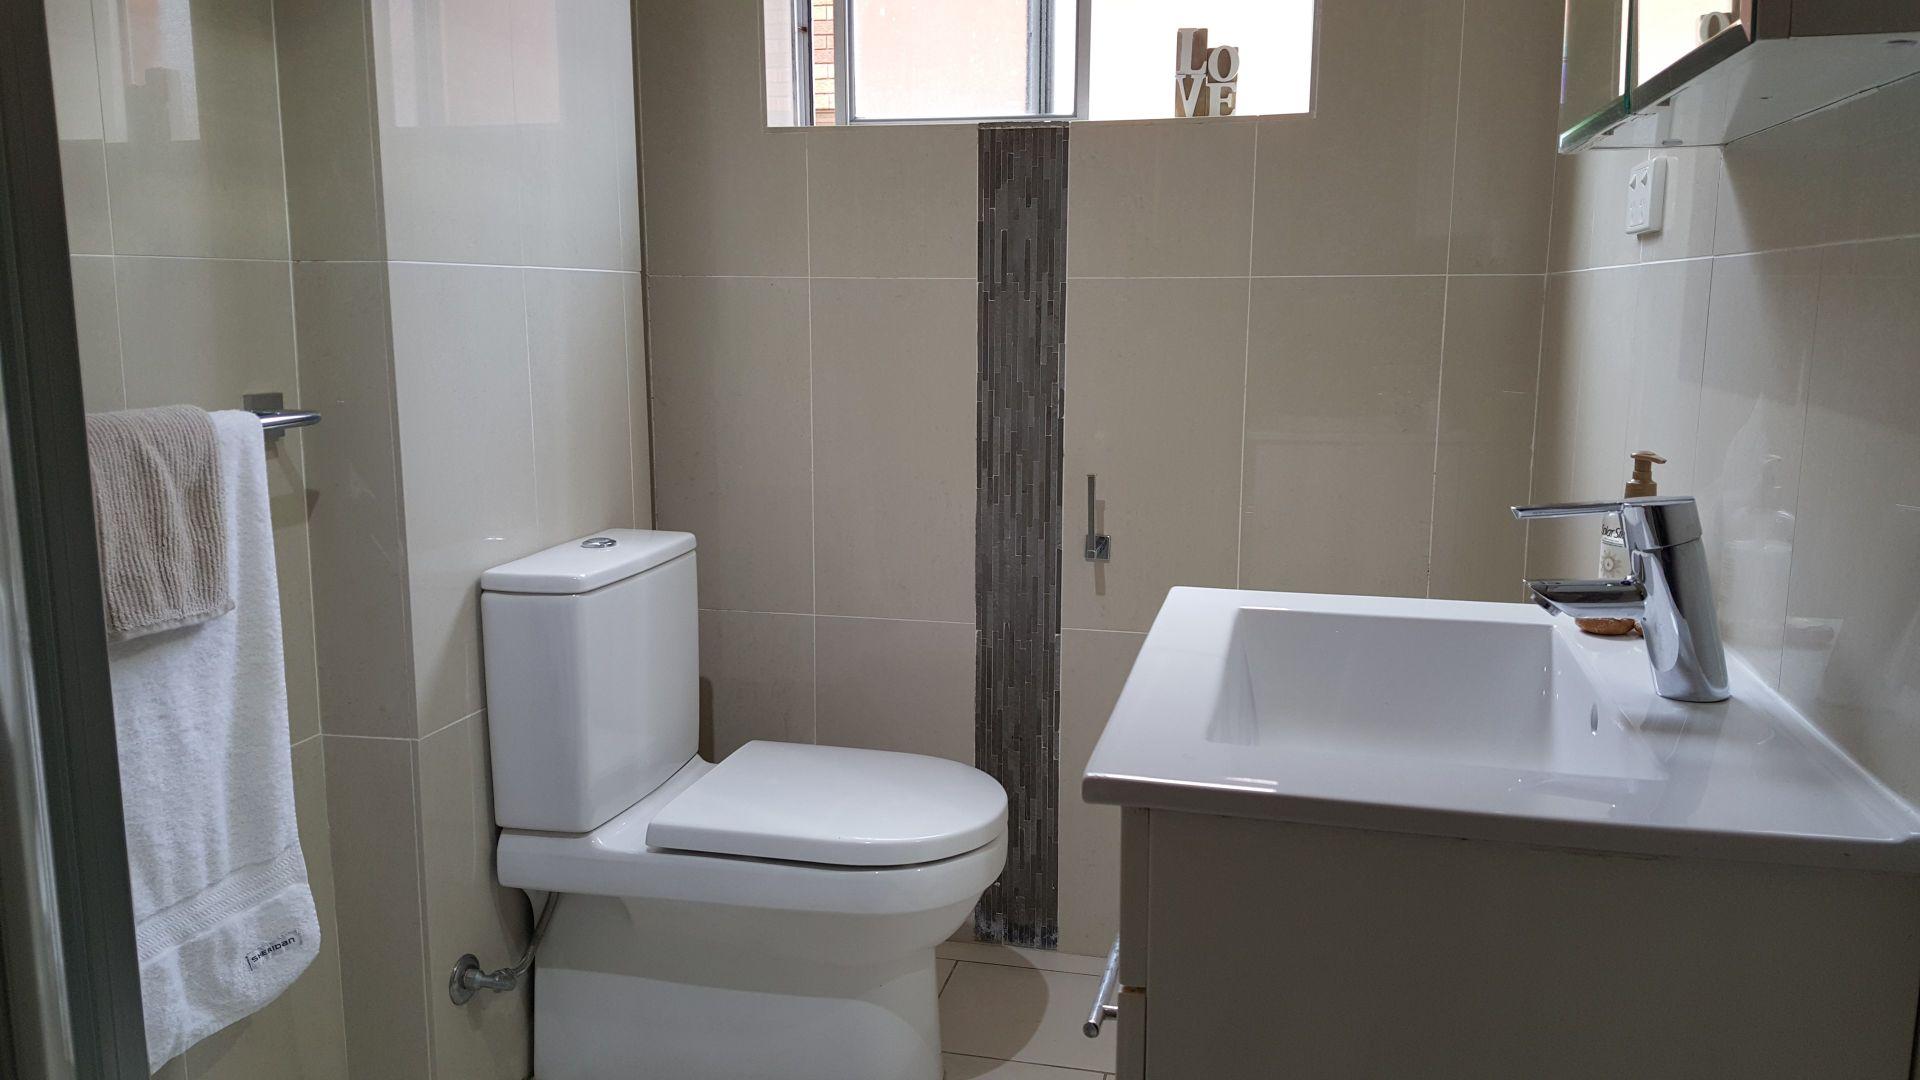 14/37 Villiers Street, Rockdale NSW 2216, Image 6